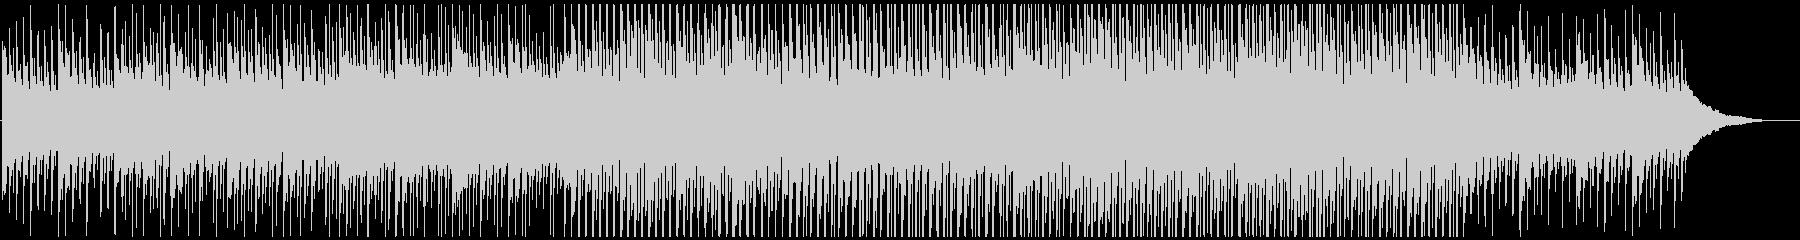 企業VPや映Cに ピアノの静かなる高揚感の未再生の波形